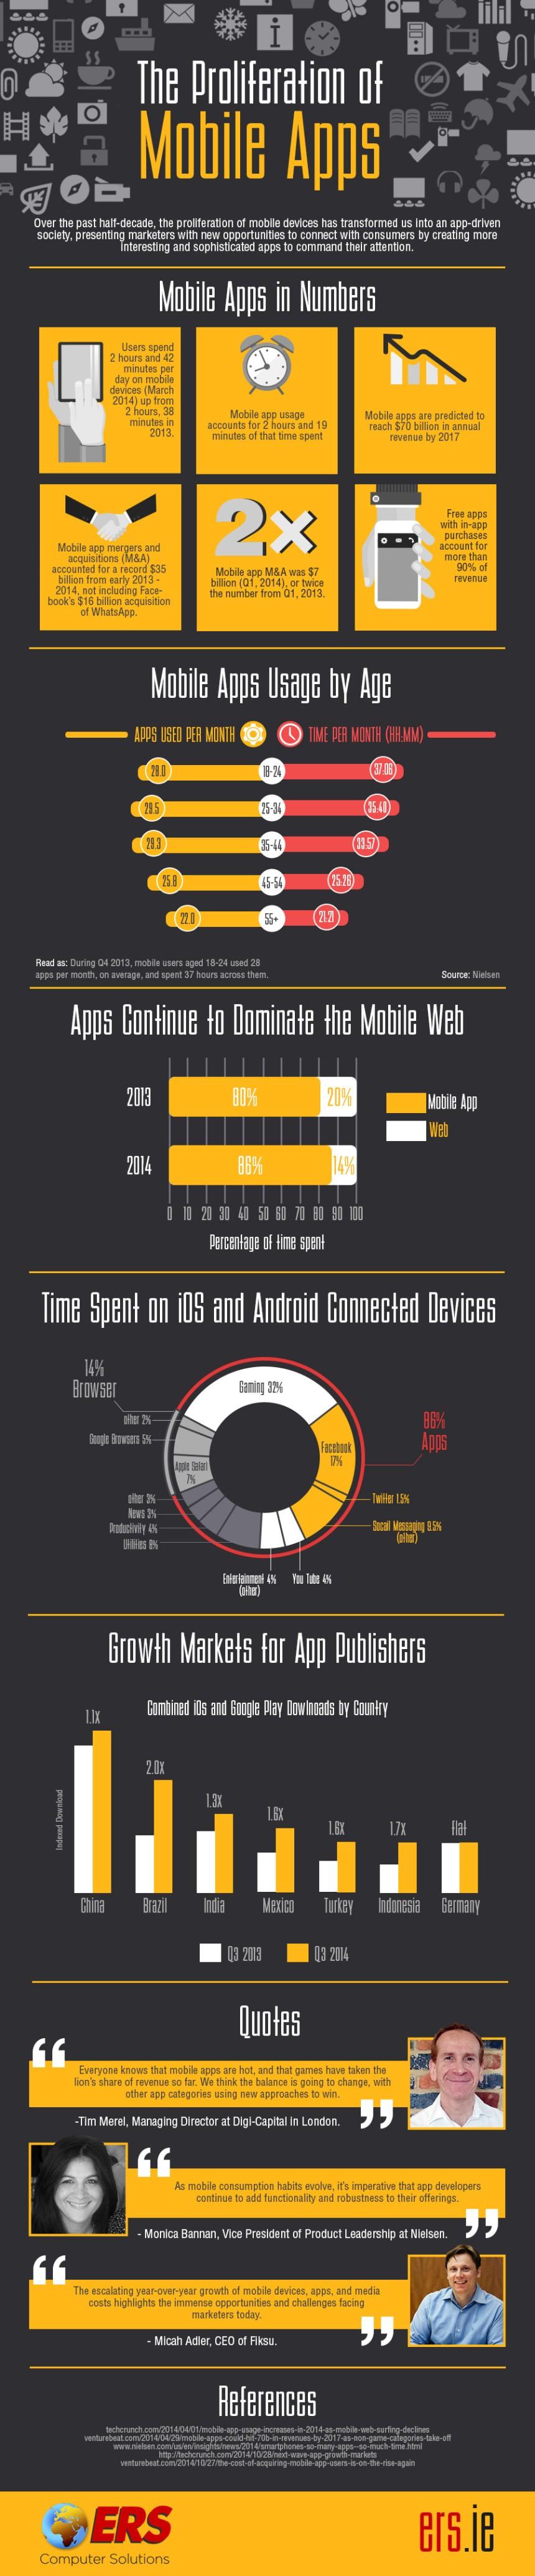 La proliferación de APPS para móviles